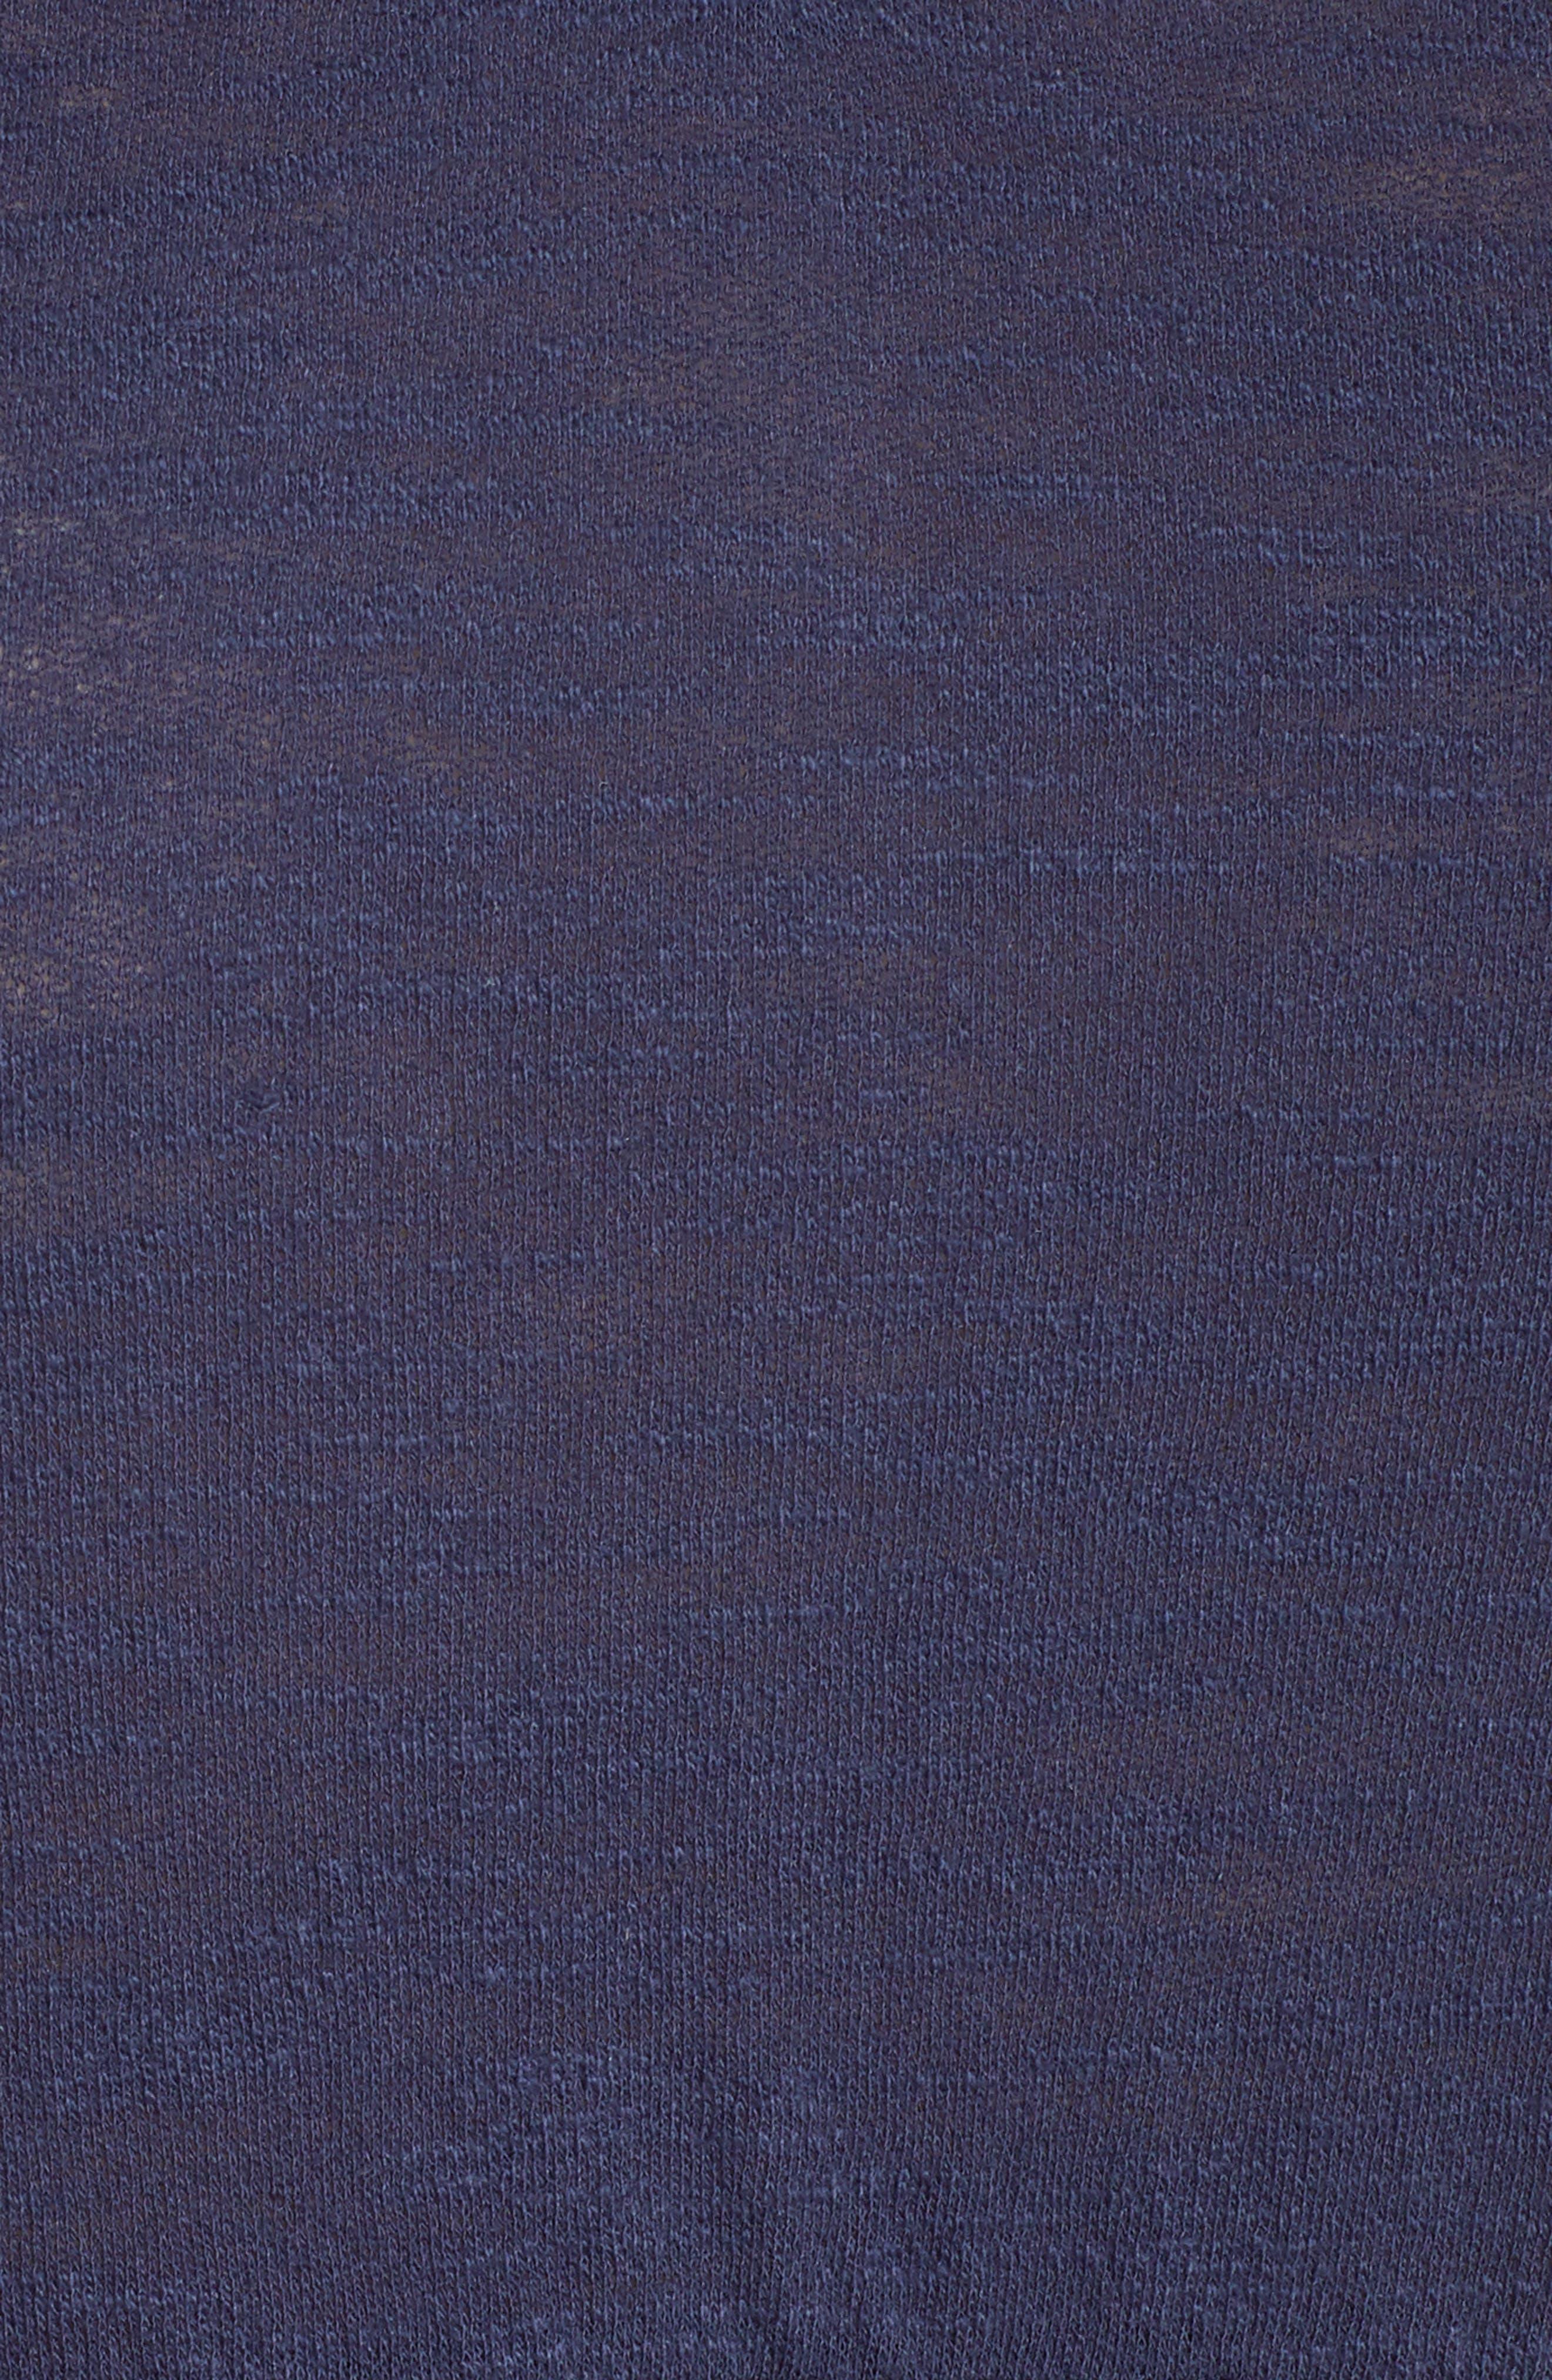 Tucson Cotton Dress,                             Alternate thumbnail 12, color,